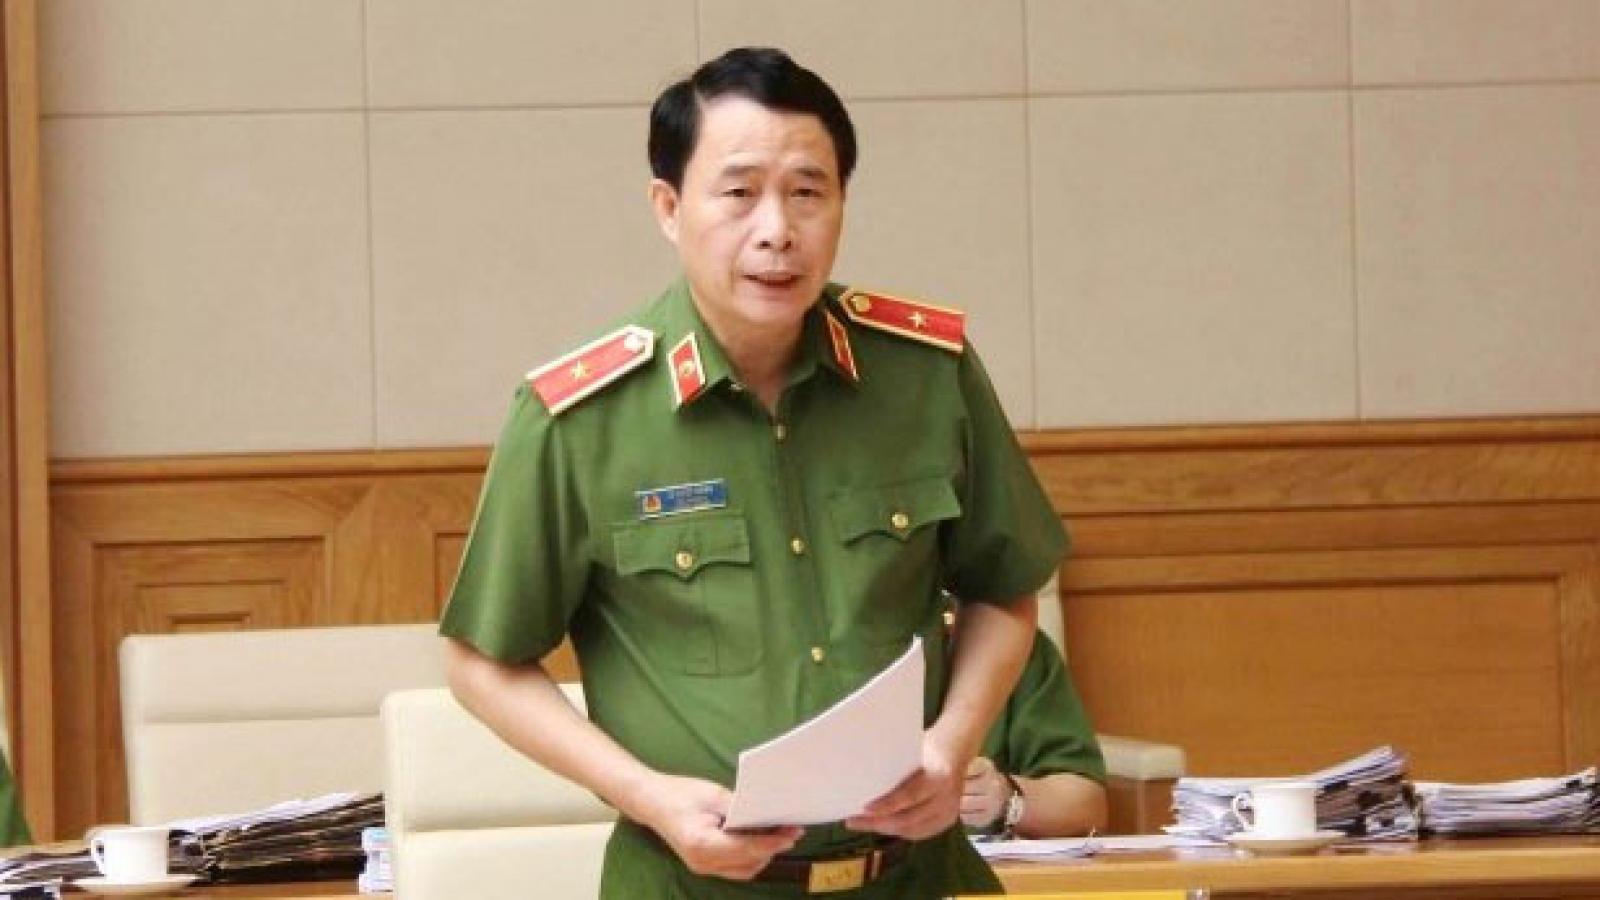 Thứ trưởng Bộ Công an: Đặc xá đảm bảo công khai, minh bạch, công bằng và đúng đối tượng